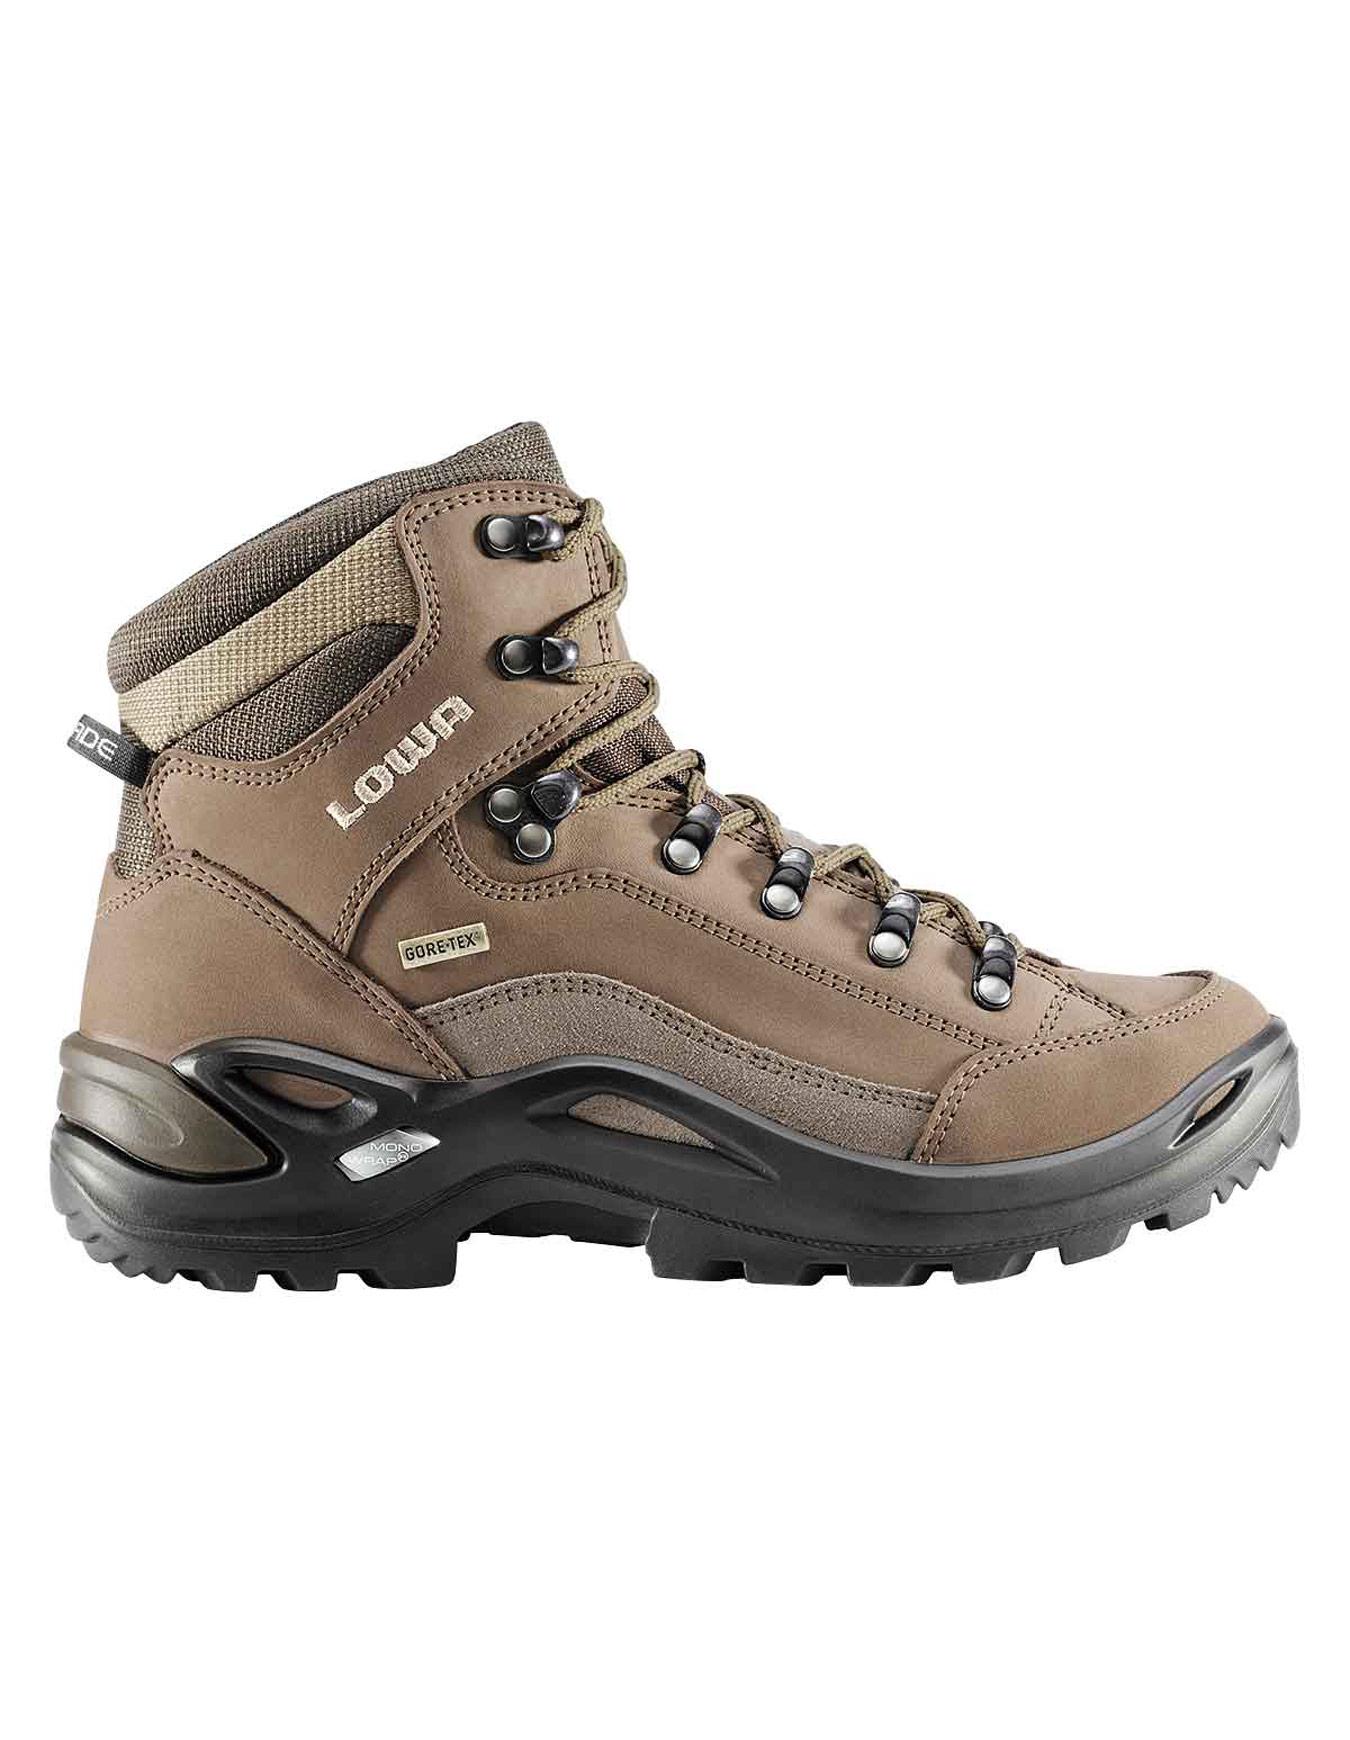 16965ac70d5034 Chaussures hiver, chaussure raquette à neige : Consultez de catalogue  Snowleader